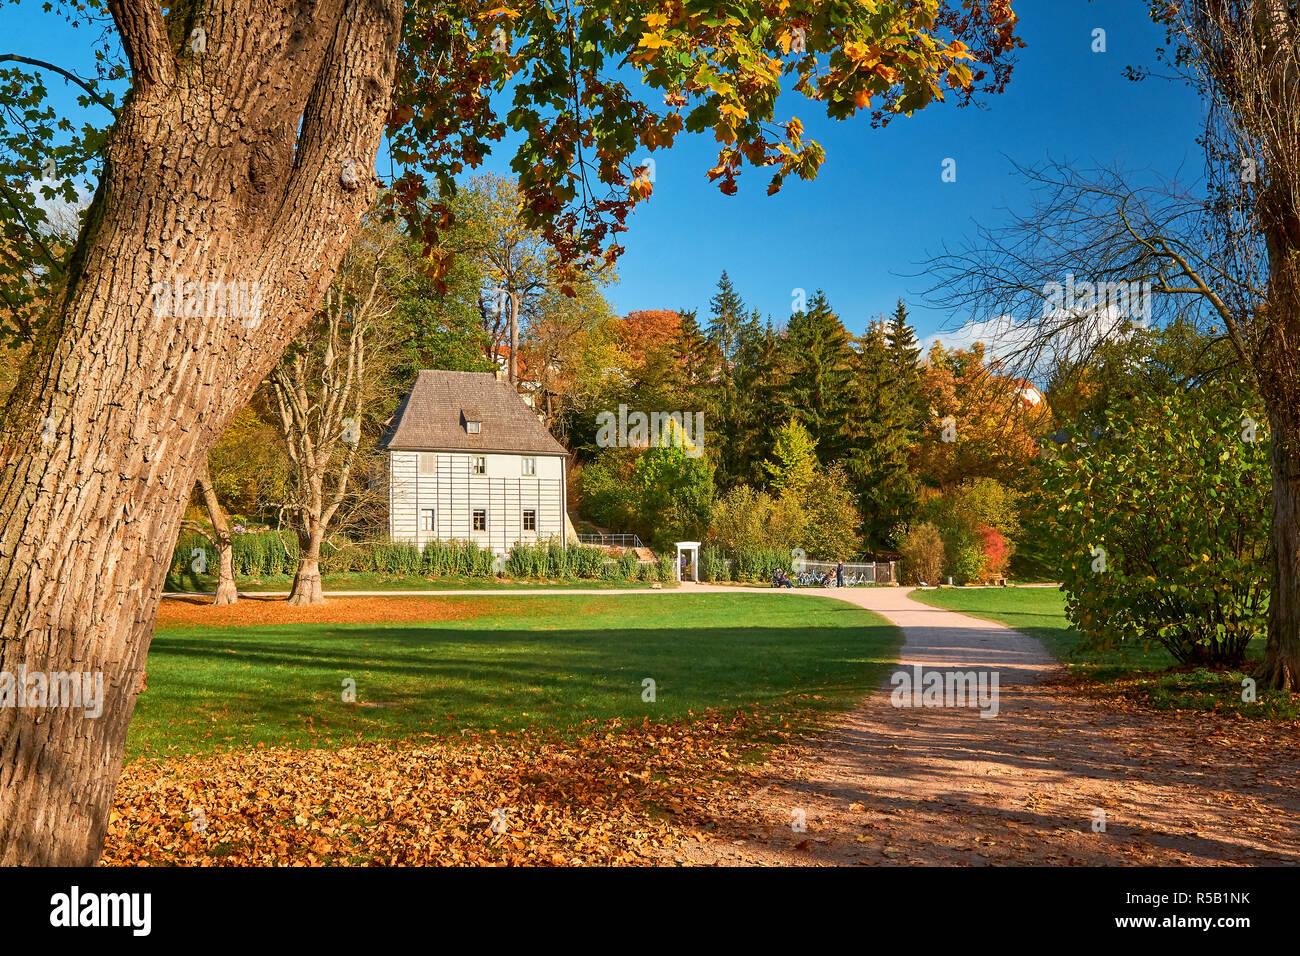 Goethe garden house dans le parc à l'ILM, Weimar, Thuringe, Allemagne Banque D'Images